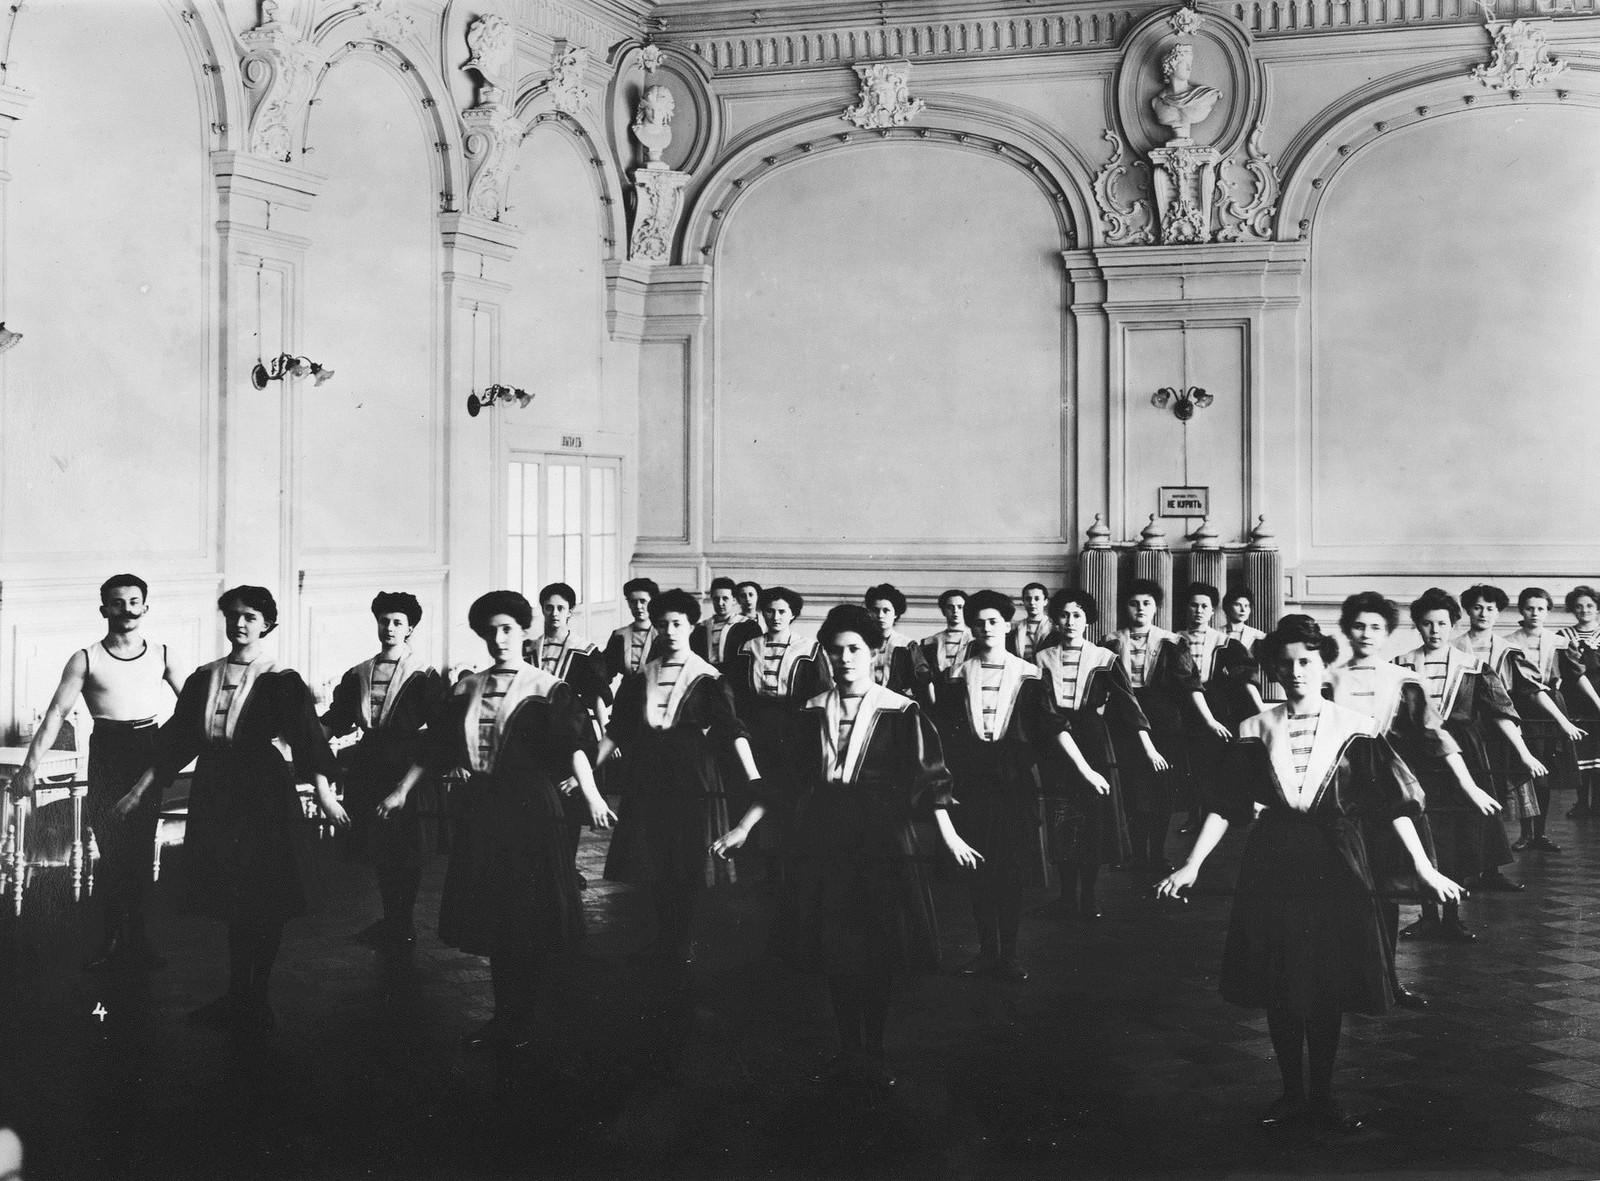 1907. Гимнастическое общество «Польский сокол». Женская группа на занятиях